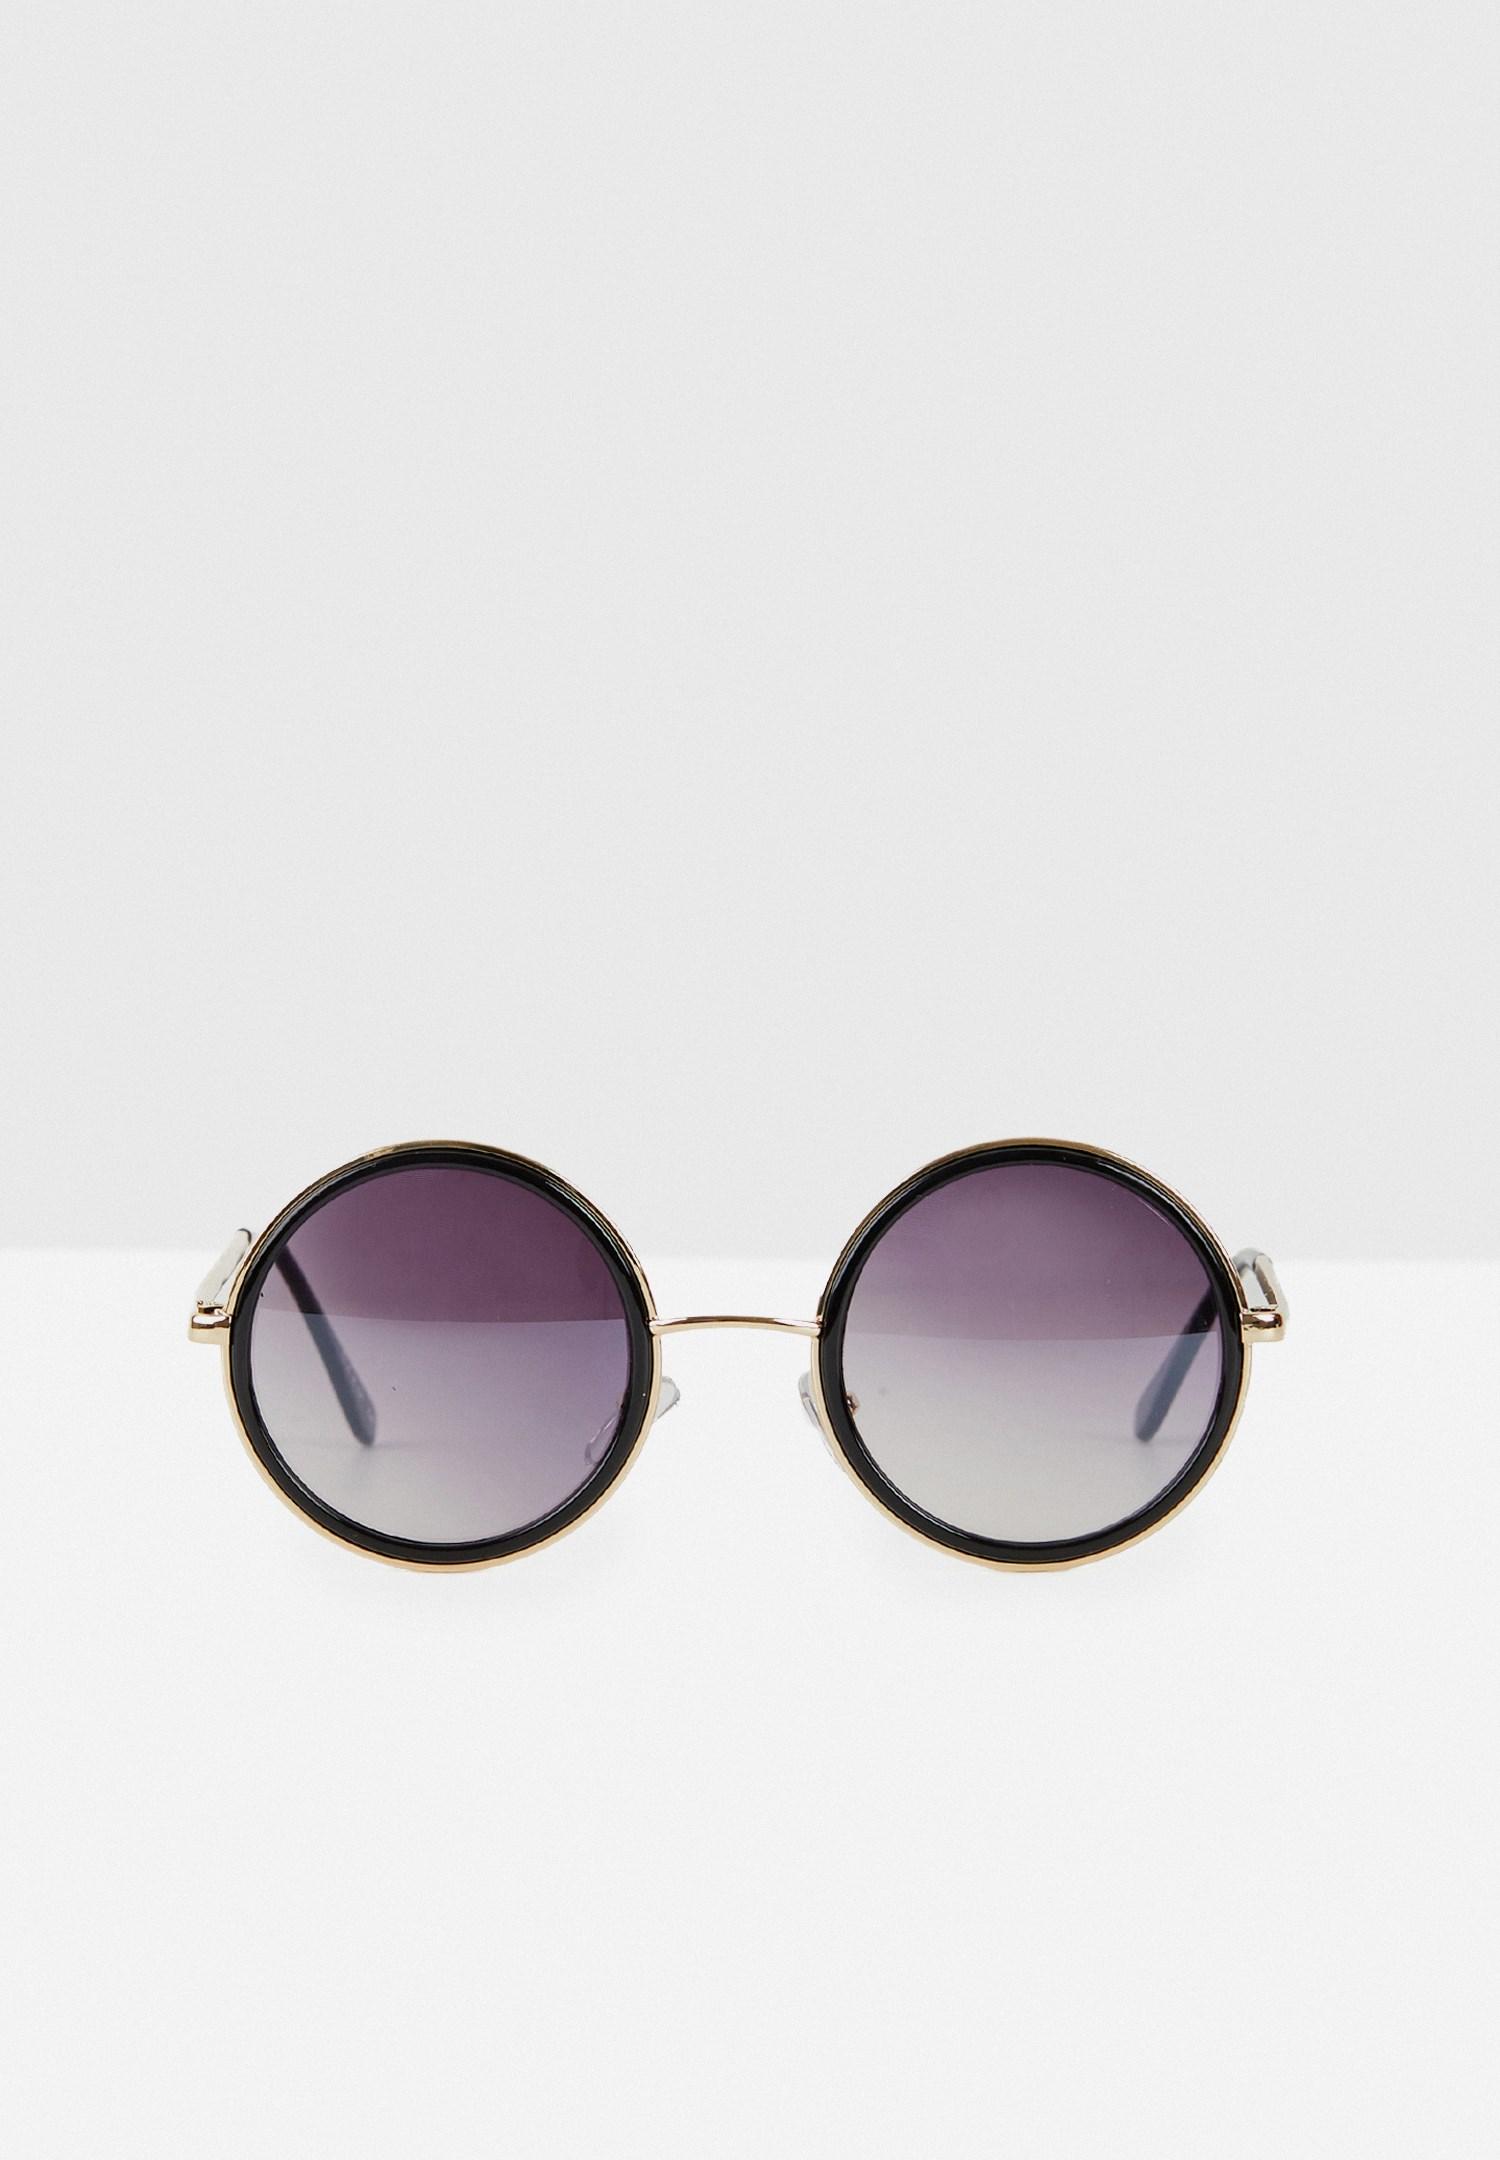 Bayan Siyah Yuvarlak Çerçeve Detaylı Gözlük